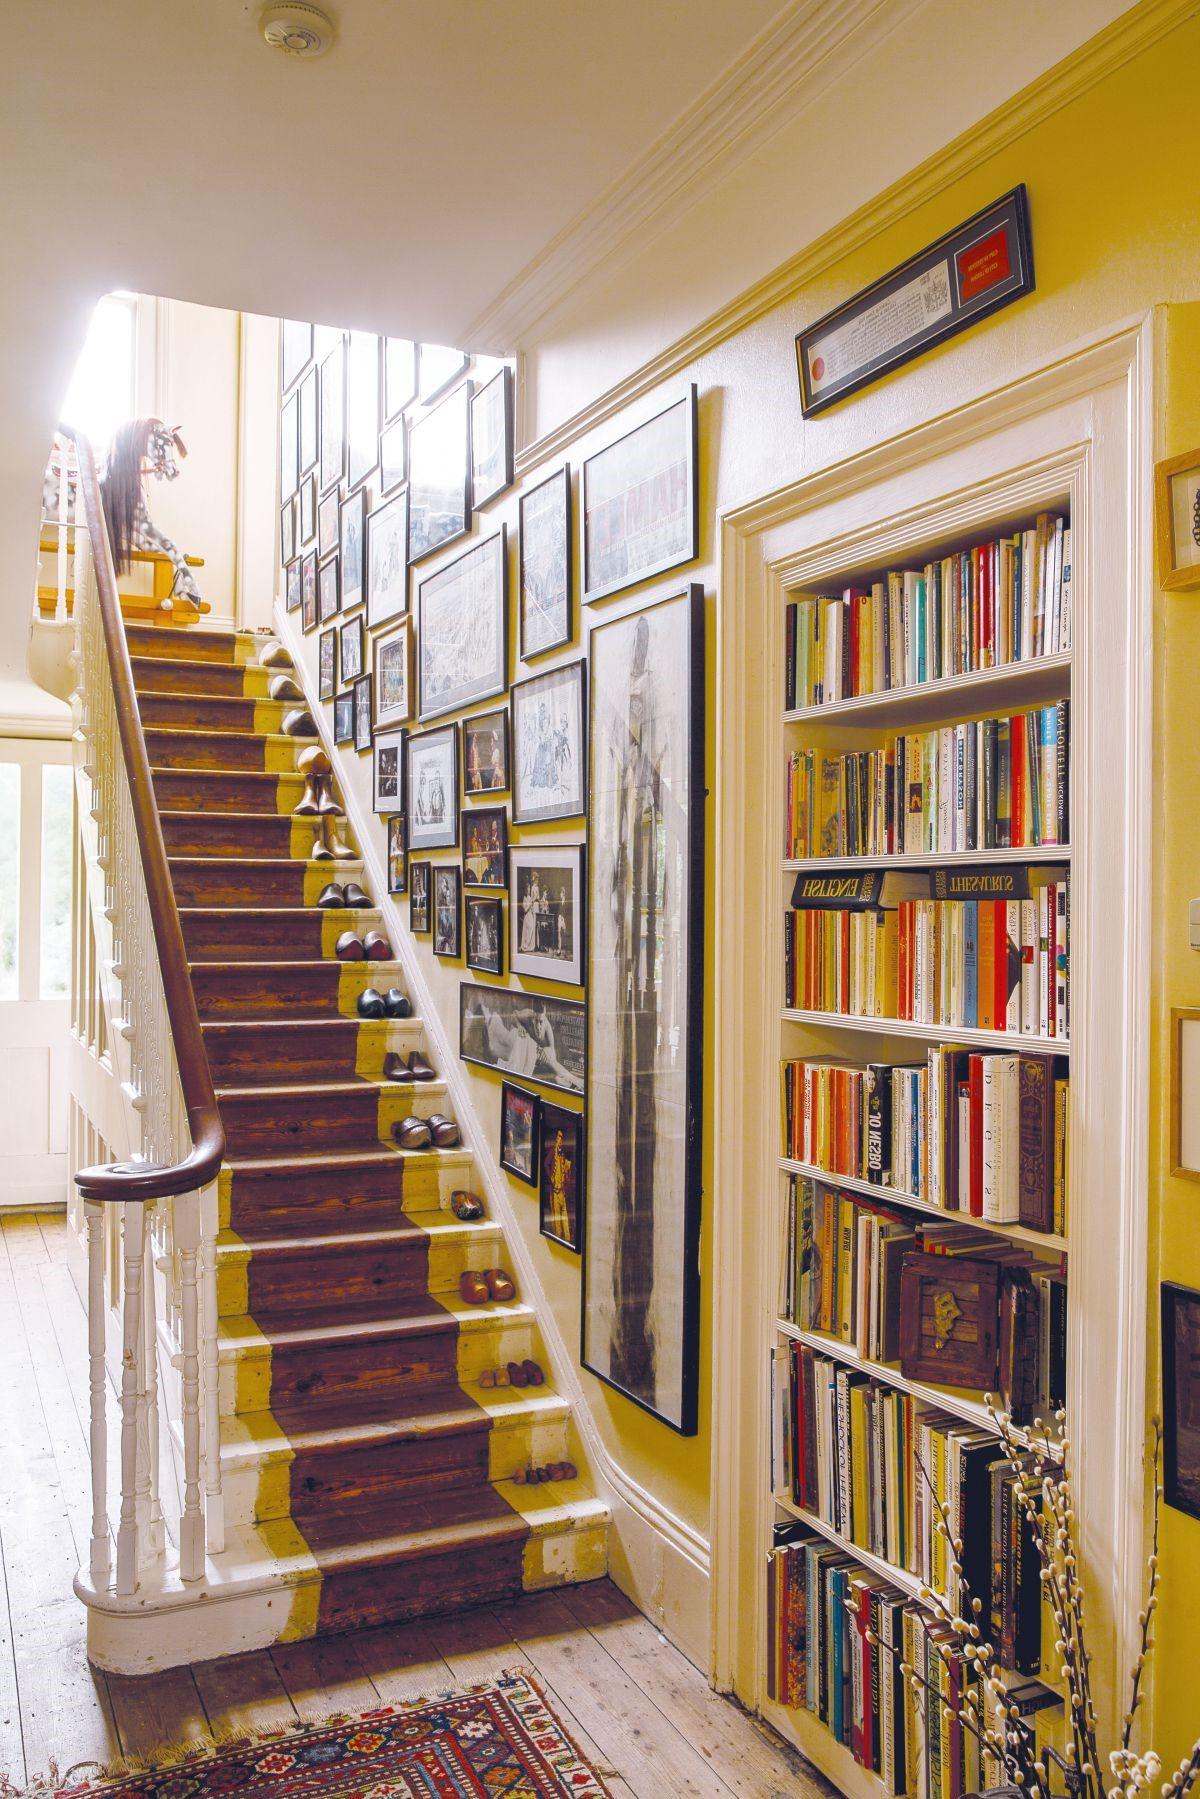 Cependant, vous devez d'abord masquer toutes les surfaces adjacentes aux escaliers avec du ruban adhésif pour peinture.